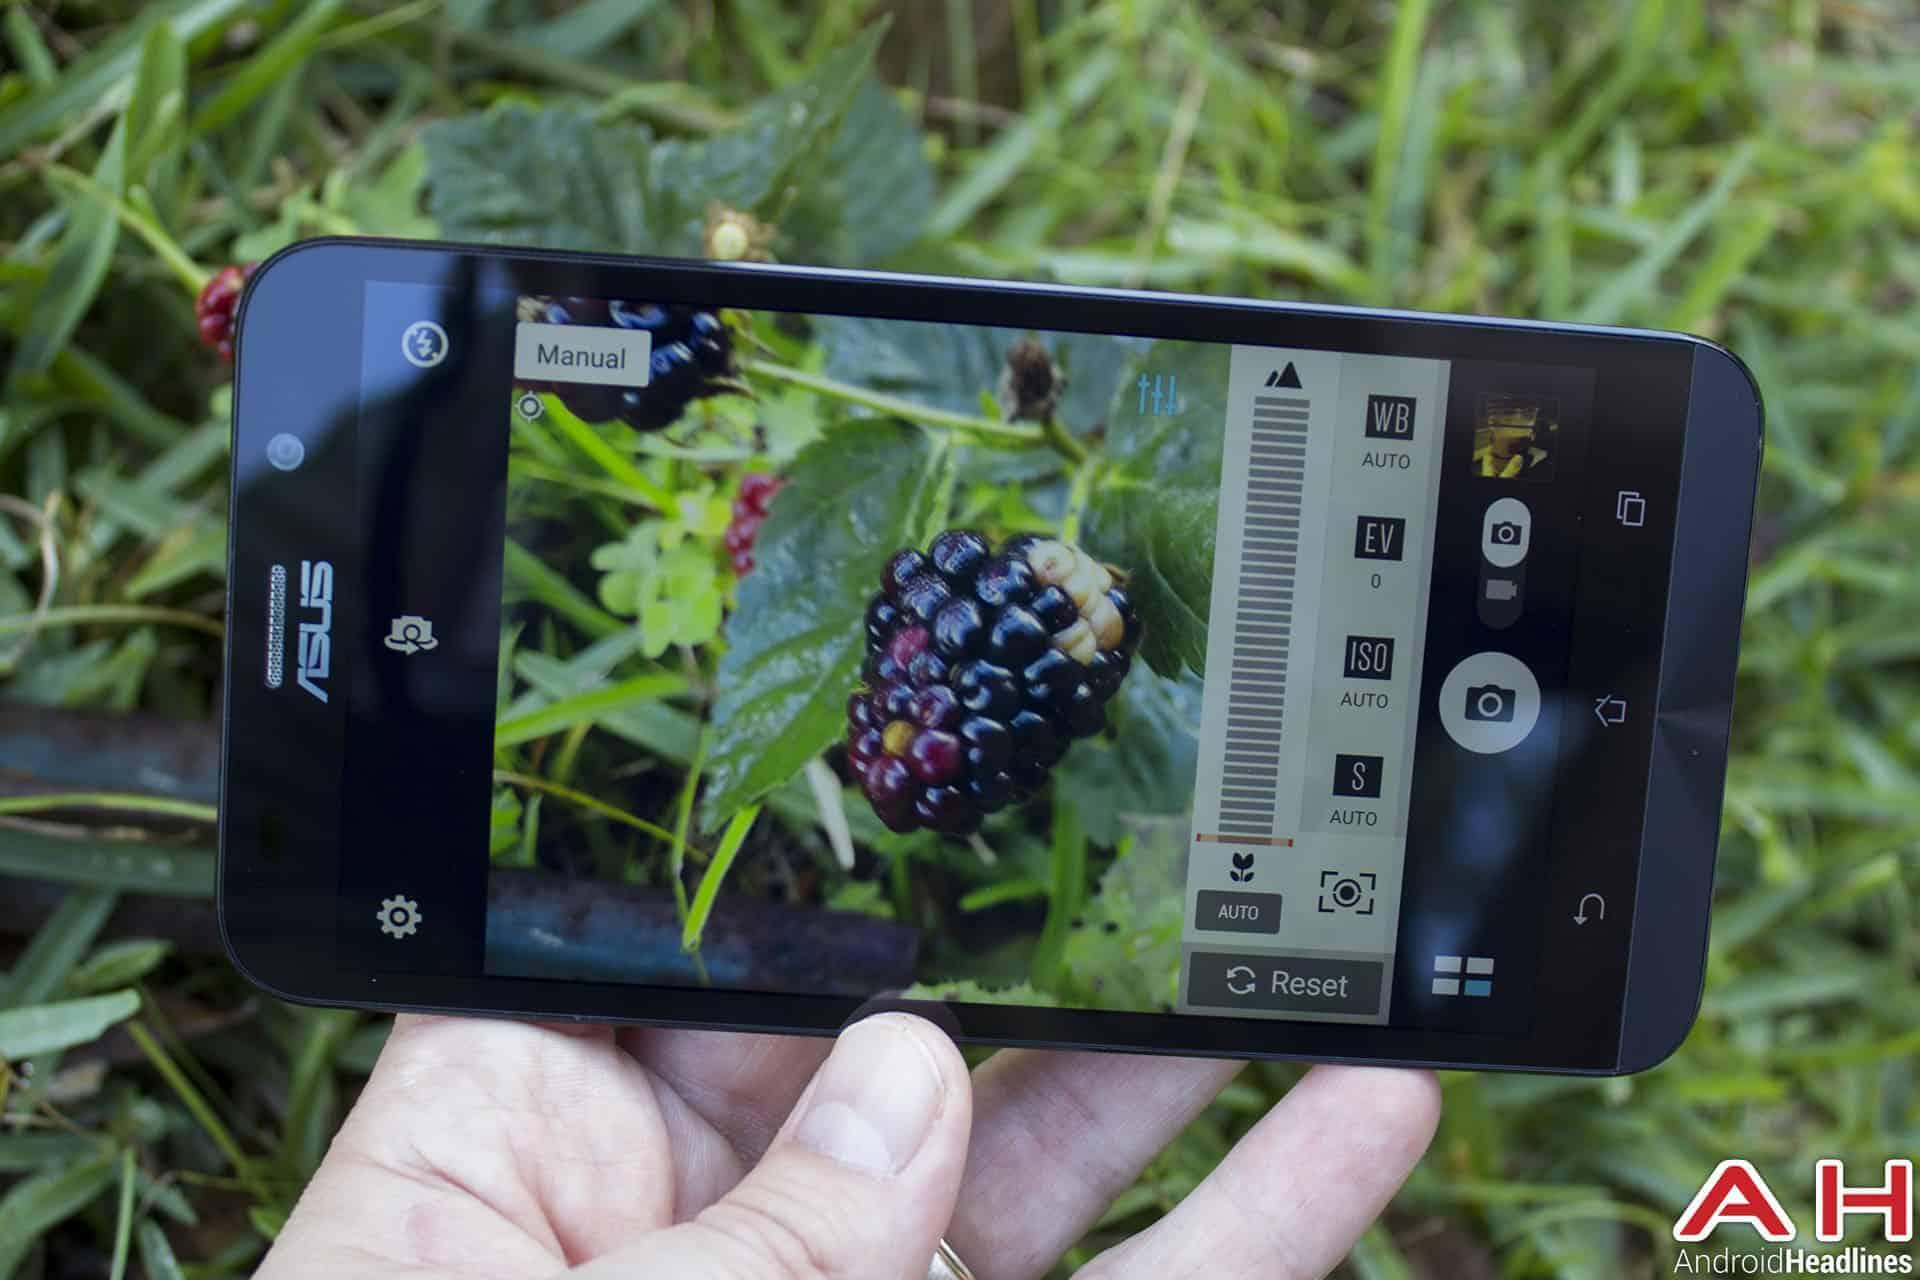 Asus-zenfone-2-camera-manual